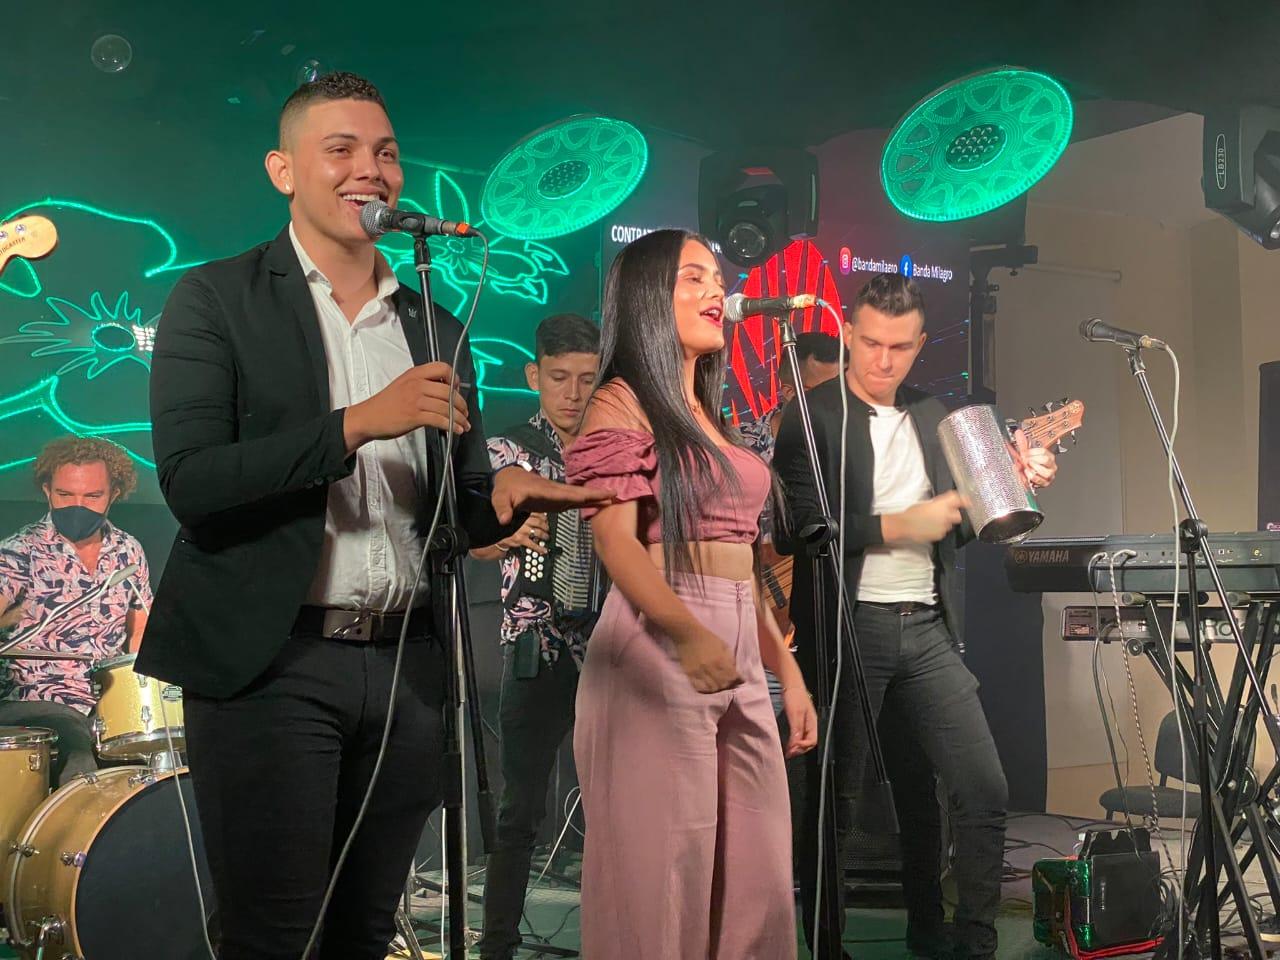 Montería: 18 local groups gathered virtual concert of cultural reactivation - LARAZON.CO